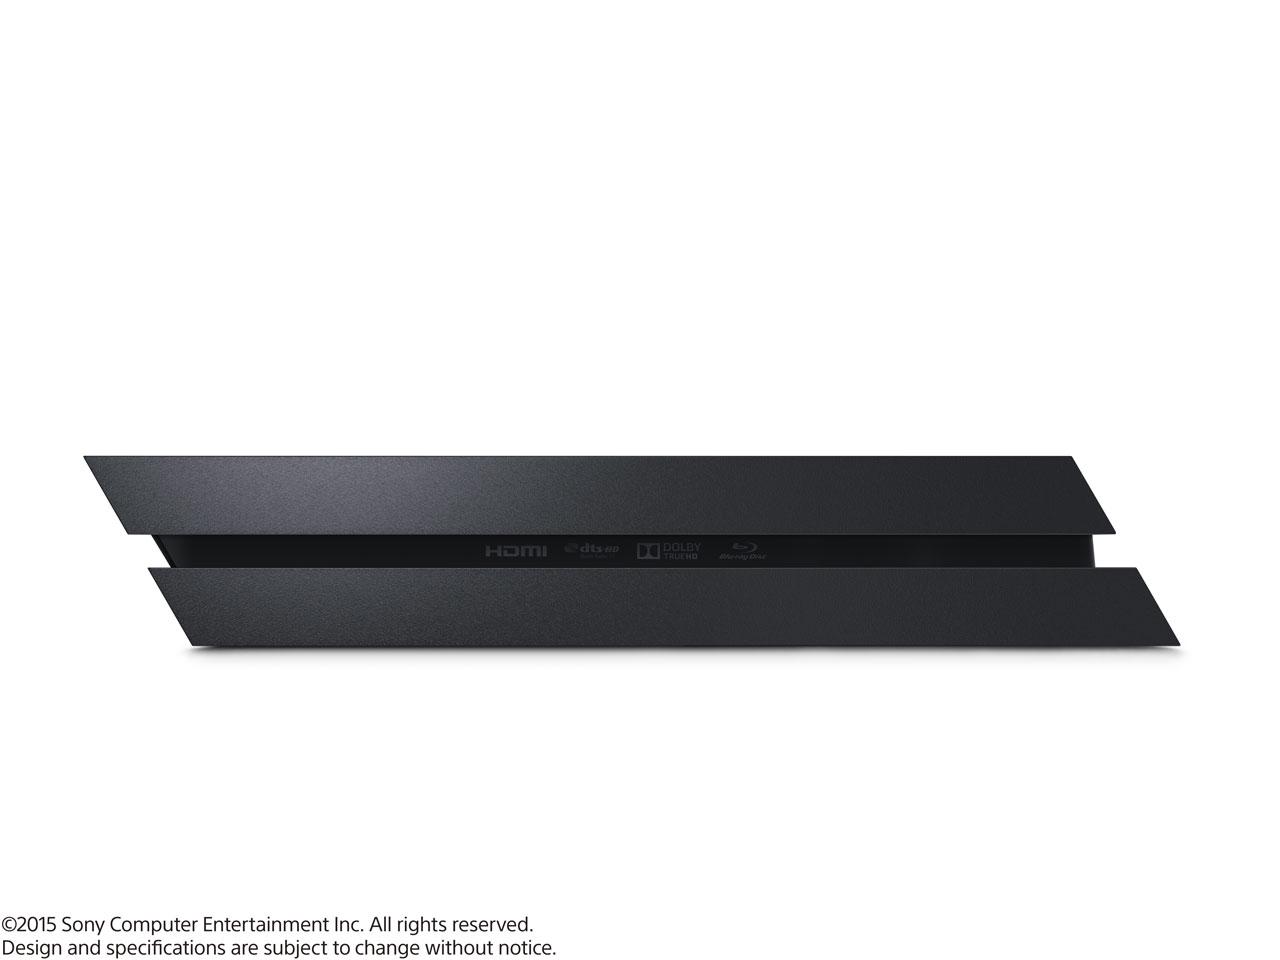 『本体 横置き 左側面』 プレイステーション4 HDD 500GB ジェット・ブラック CUH-1200AB01 の製品画像